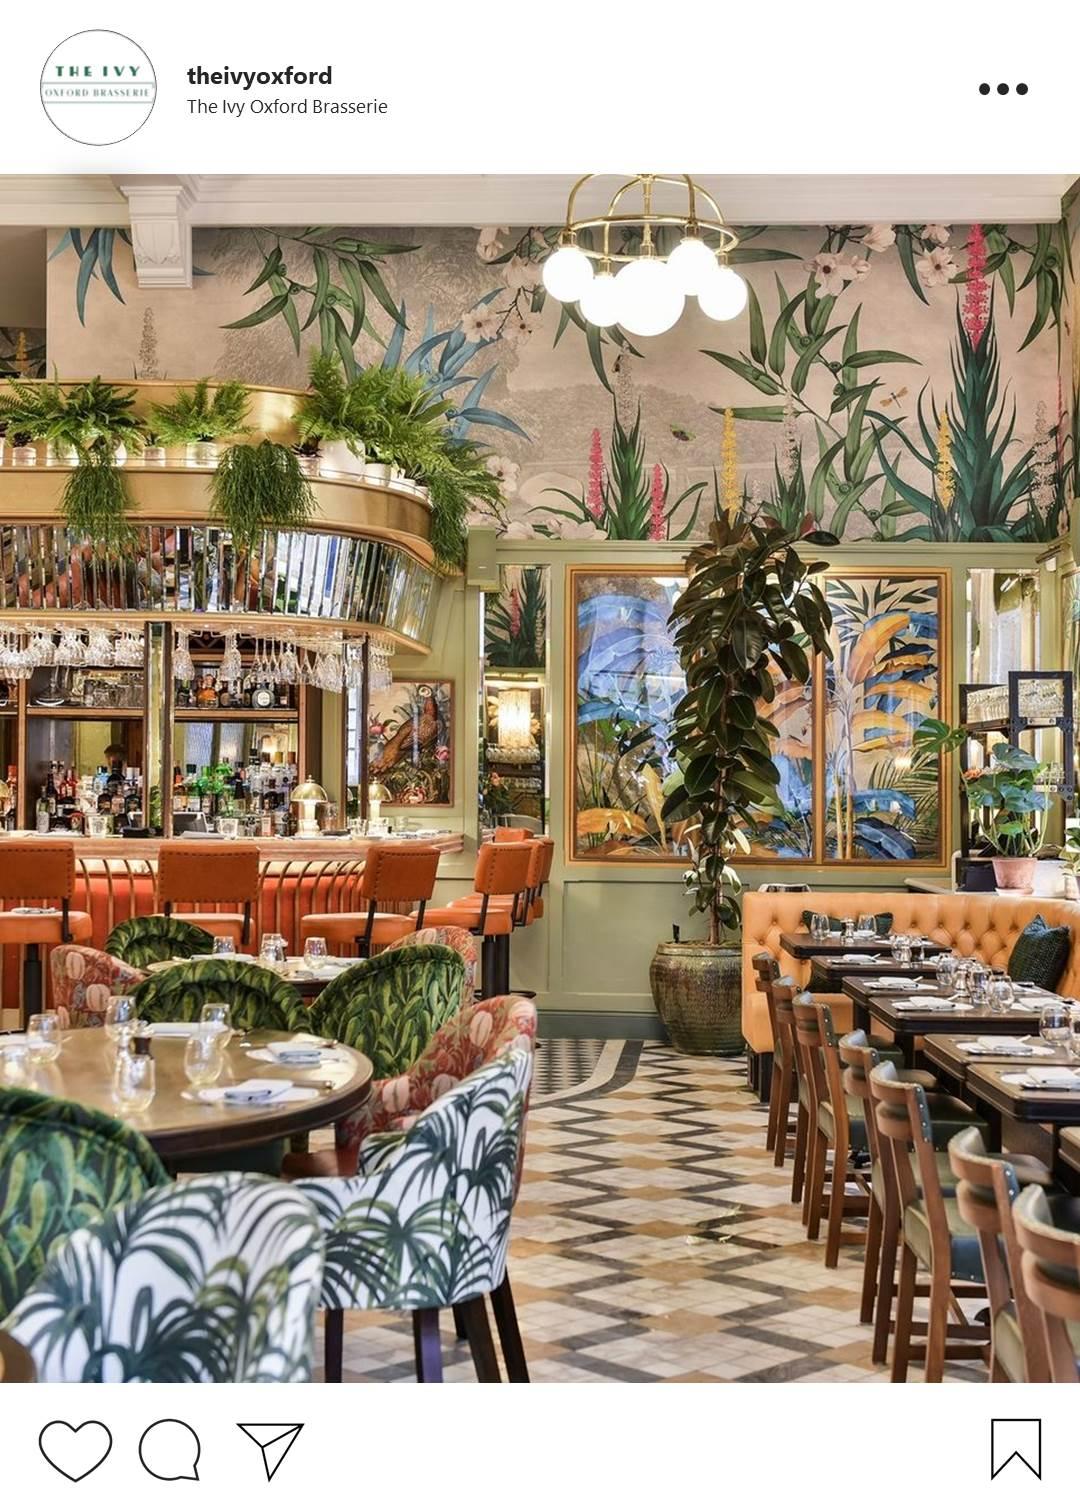 Instaworthy restaurants in Oxfordshire - The Ivy Oxford Brasserie